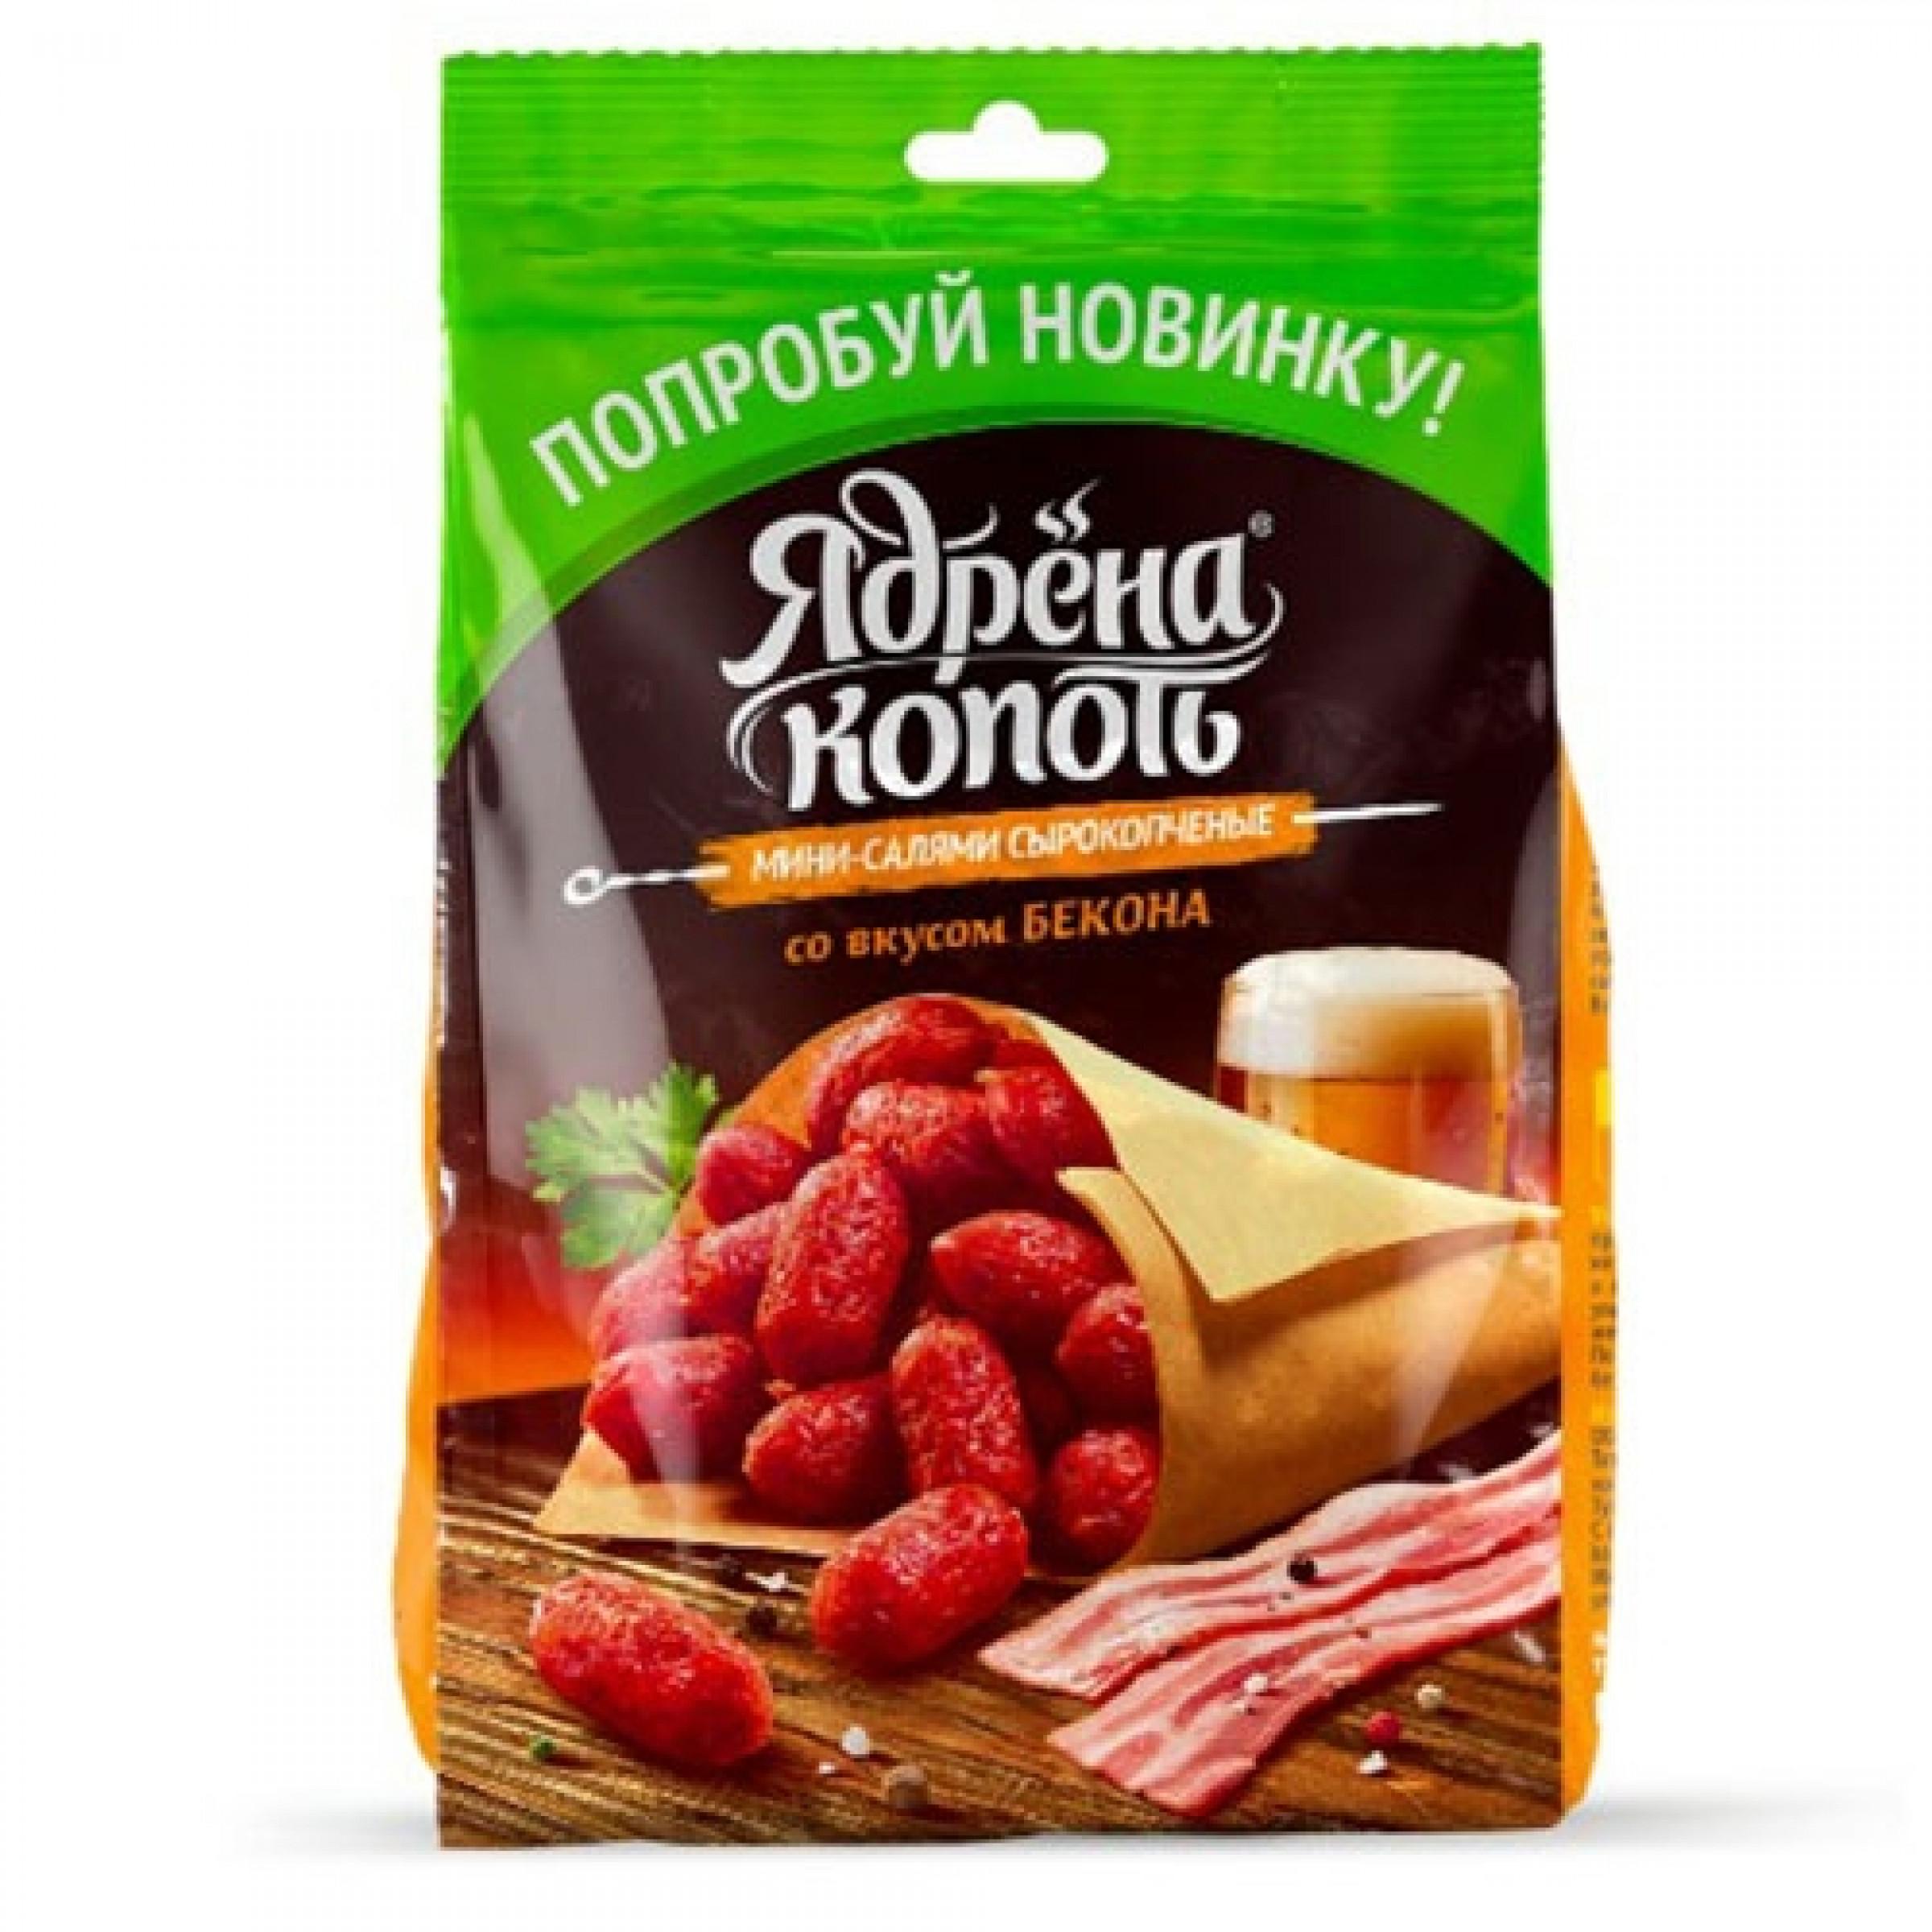 Колбаски Мини-салями со вкусом бекона Ядрёна копоть, вес 50 гр